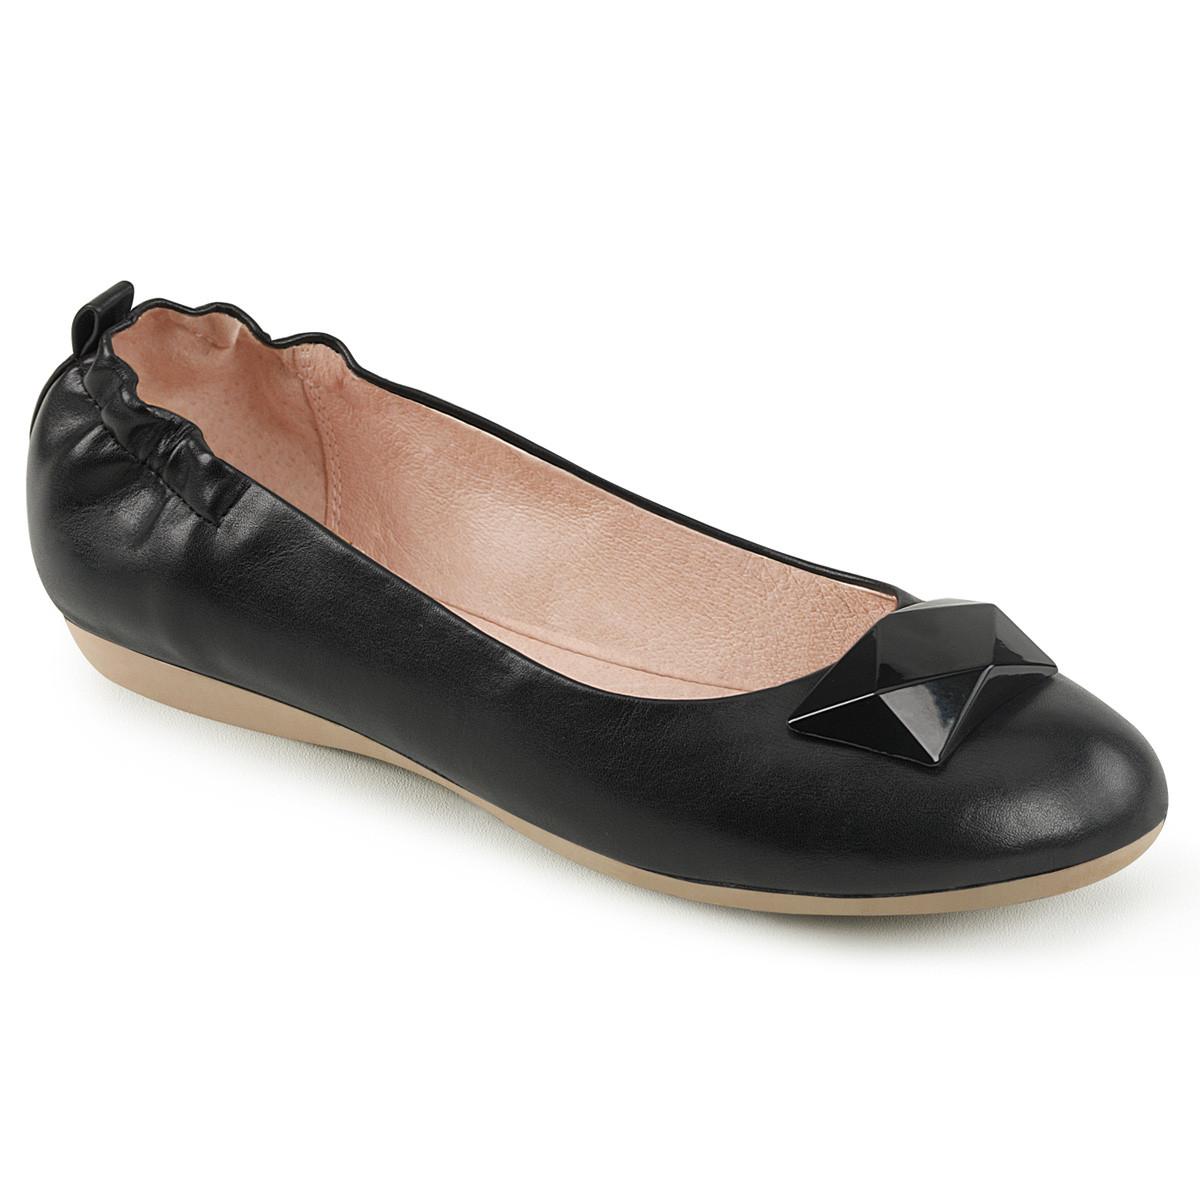 Ballerinas - OLIVE 08 ° Damen Ballerina ° Schwarz ° Pin Up Couture  - Onlineshop RedSixty